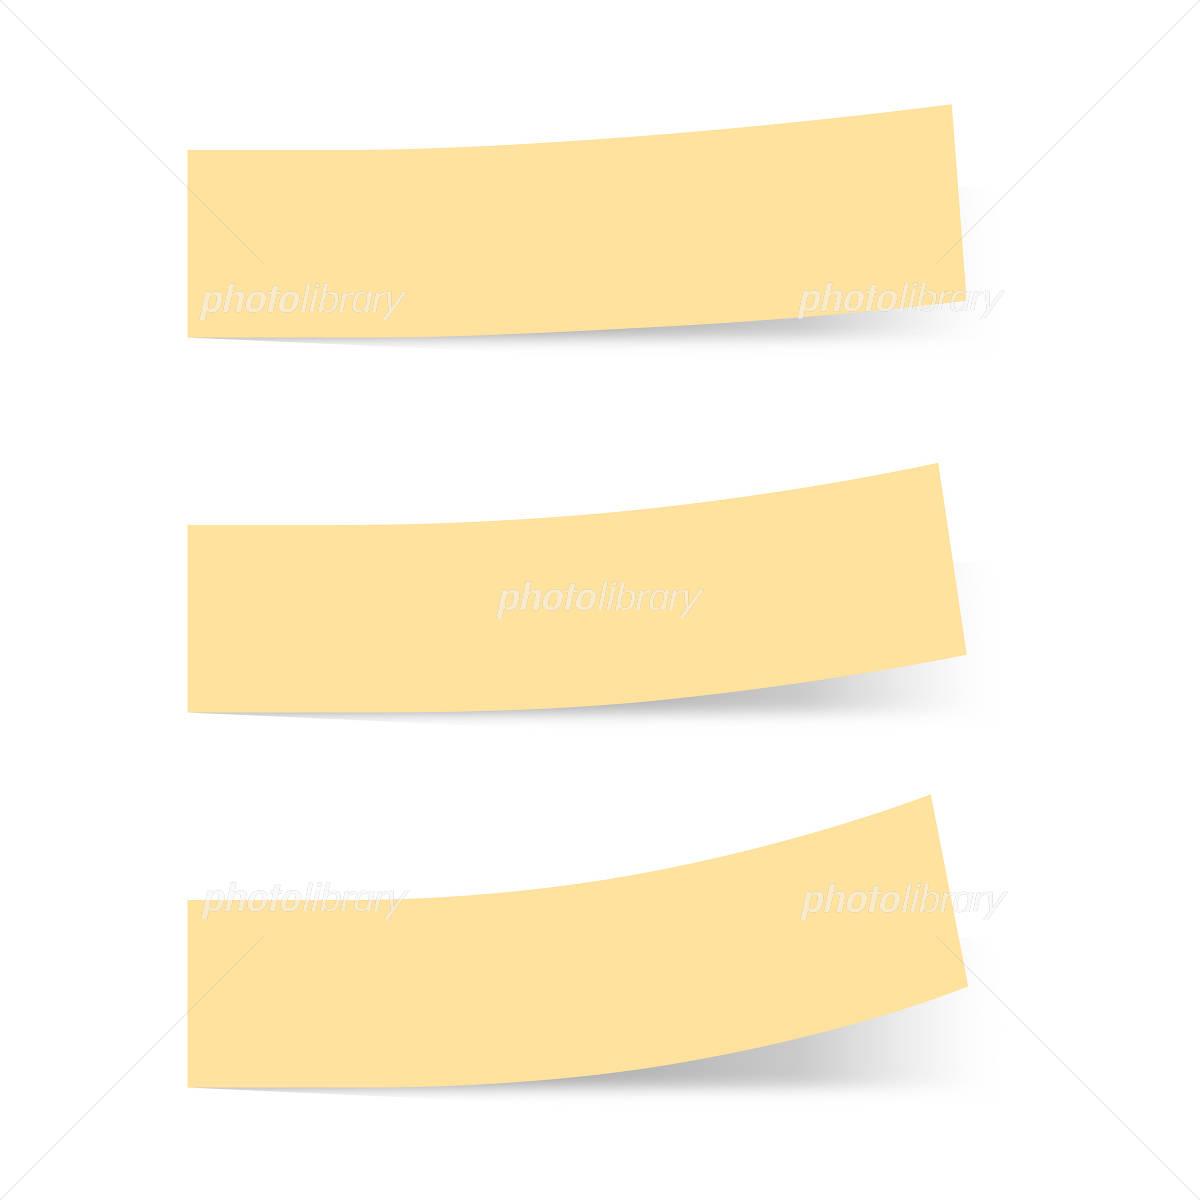 付箋紙 見出し オレンジ ベタ単色 イラスト素材 1227735 フォト